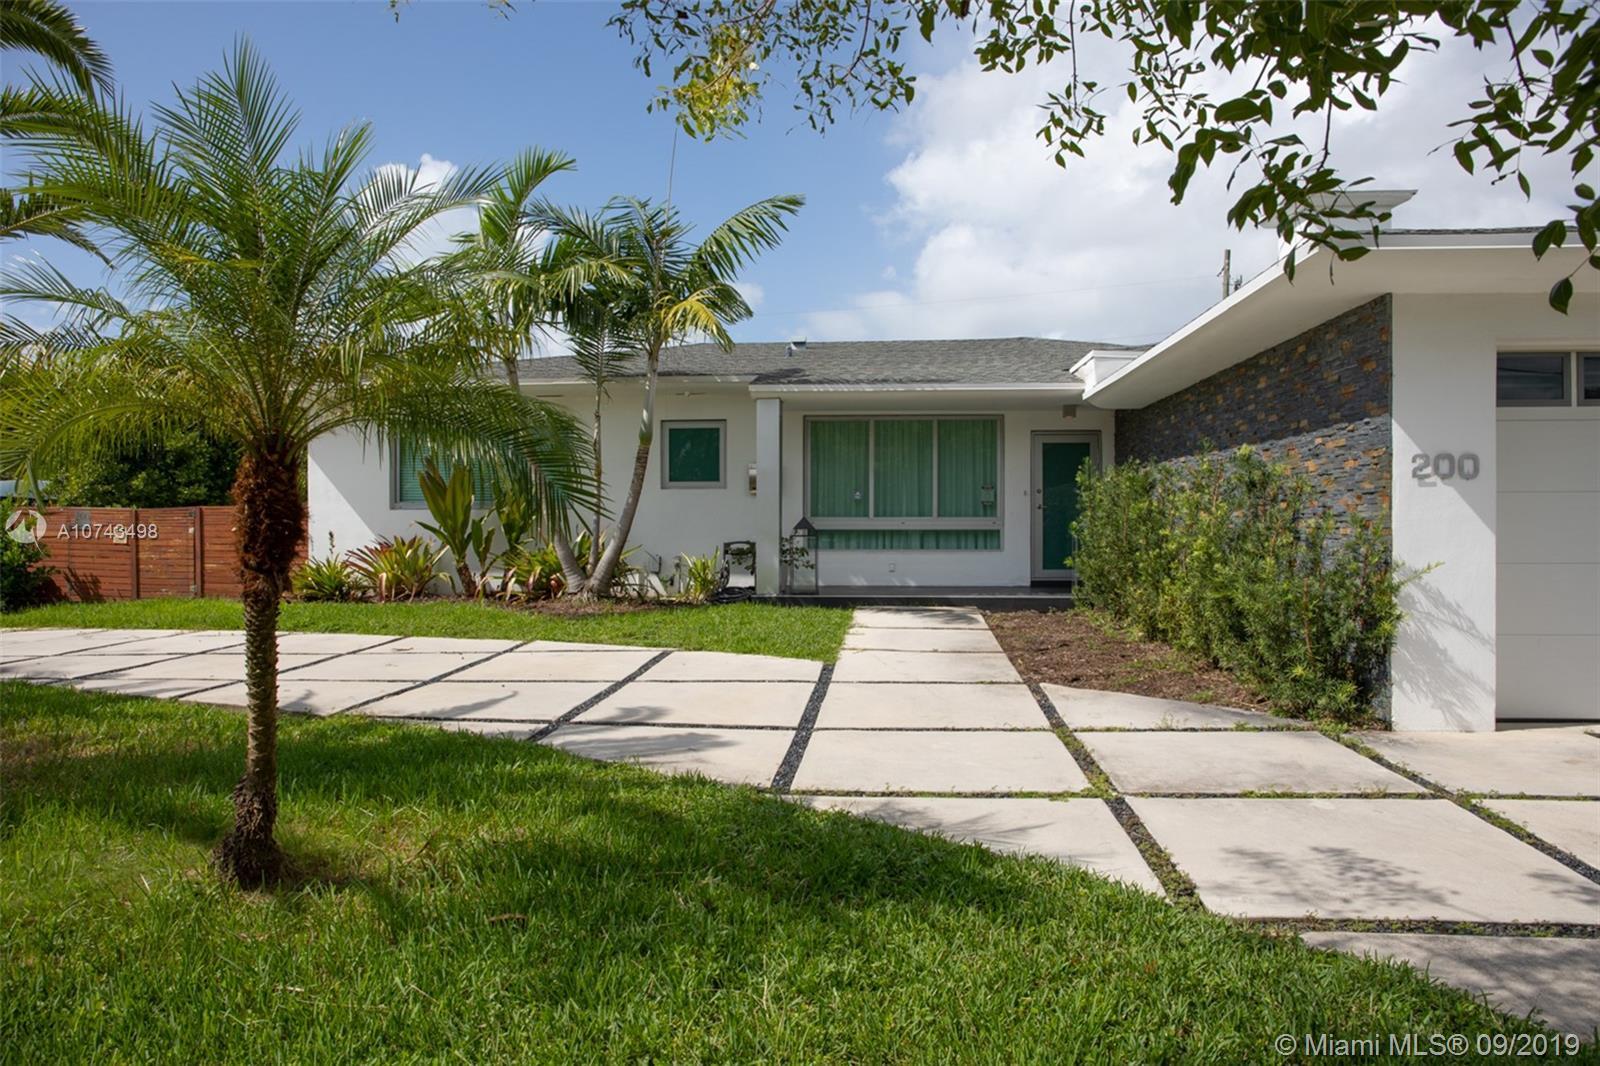 200 N Shore Dr, Miami Beach, FL 33141